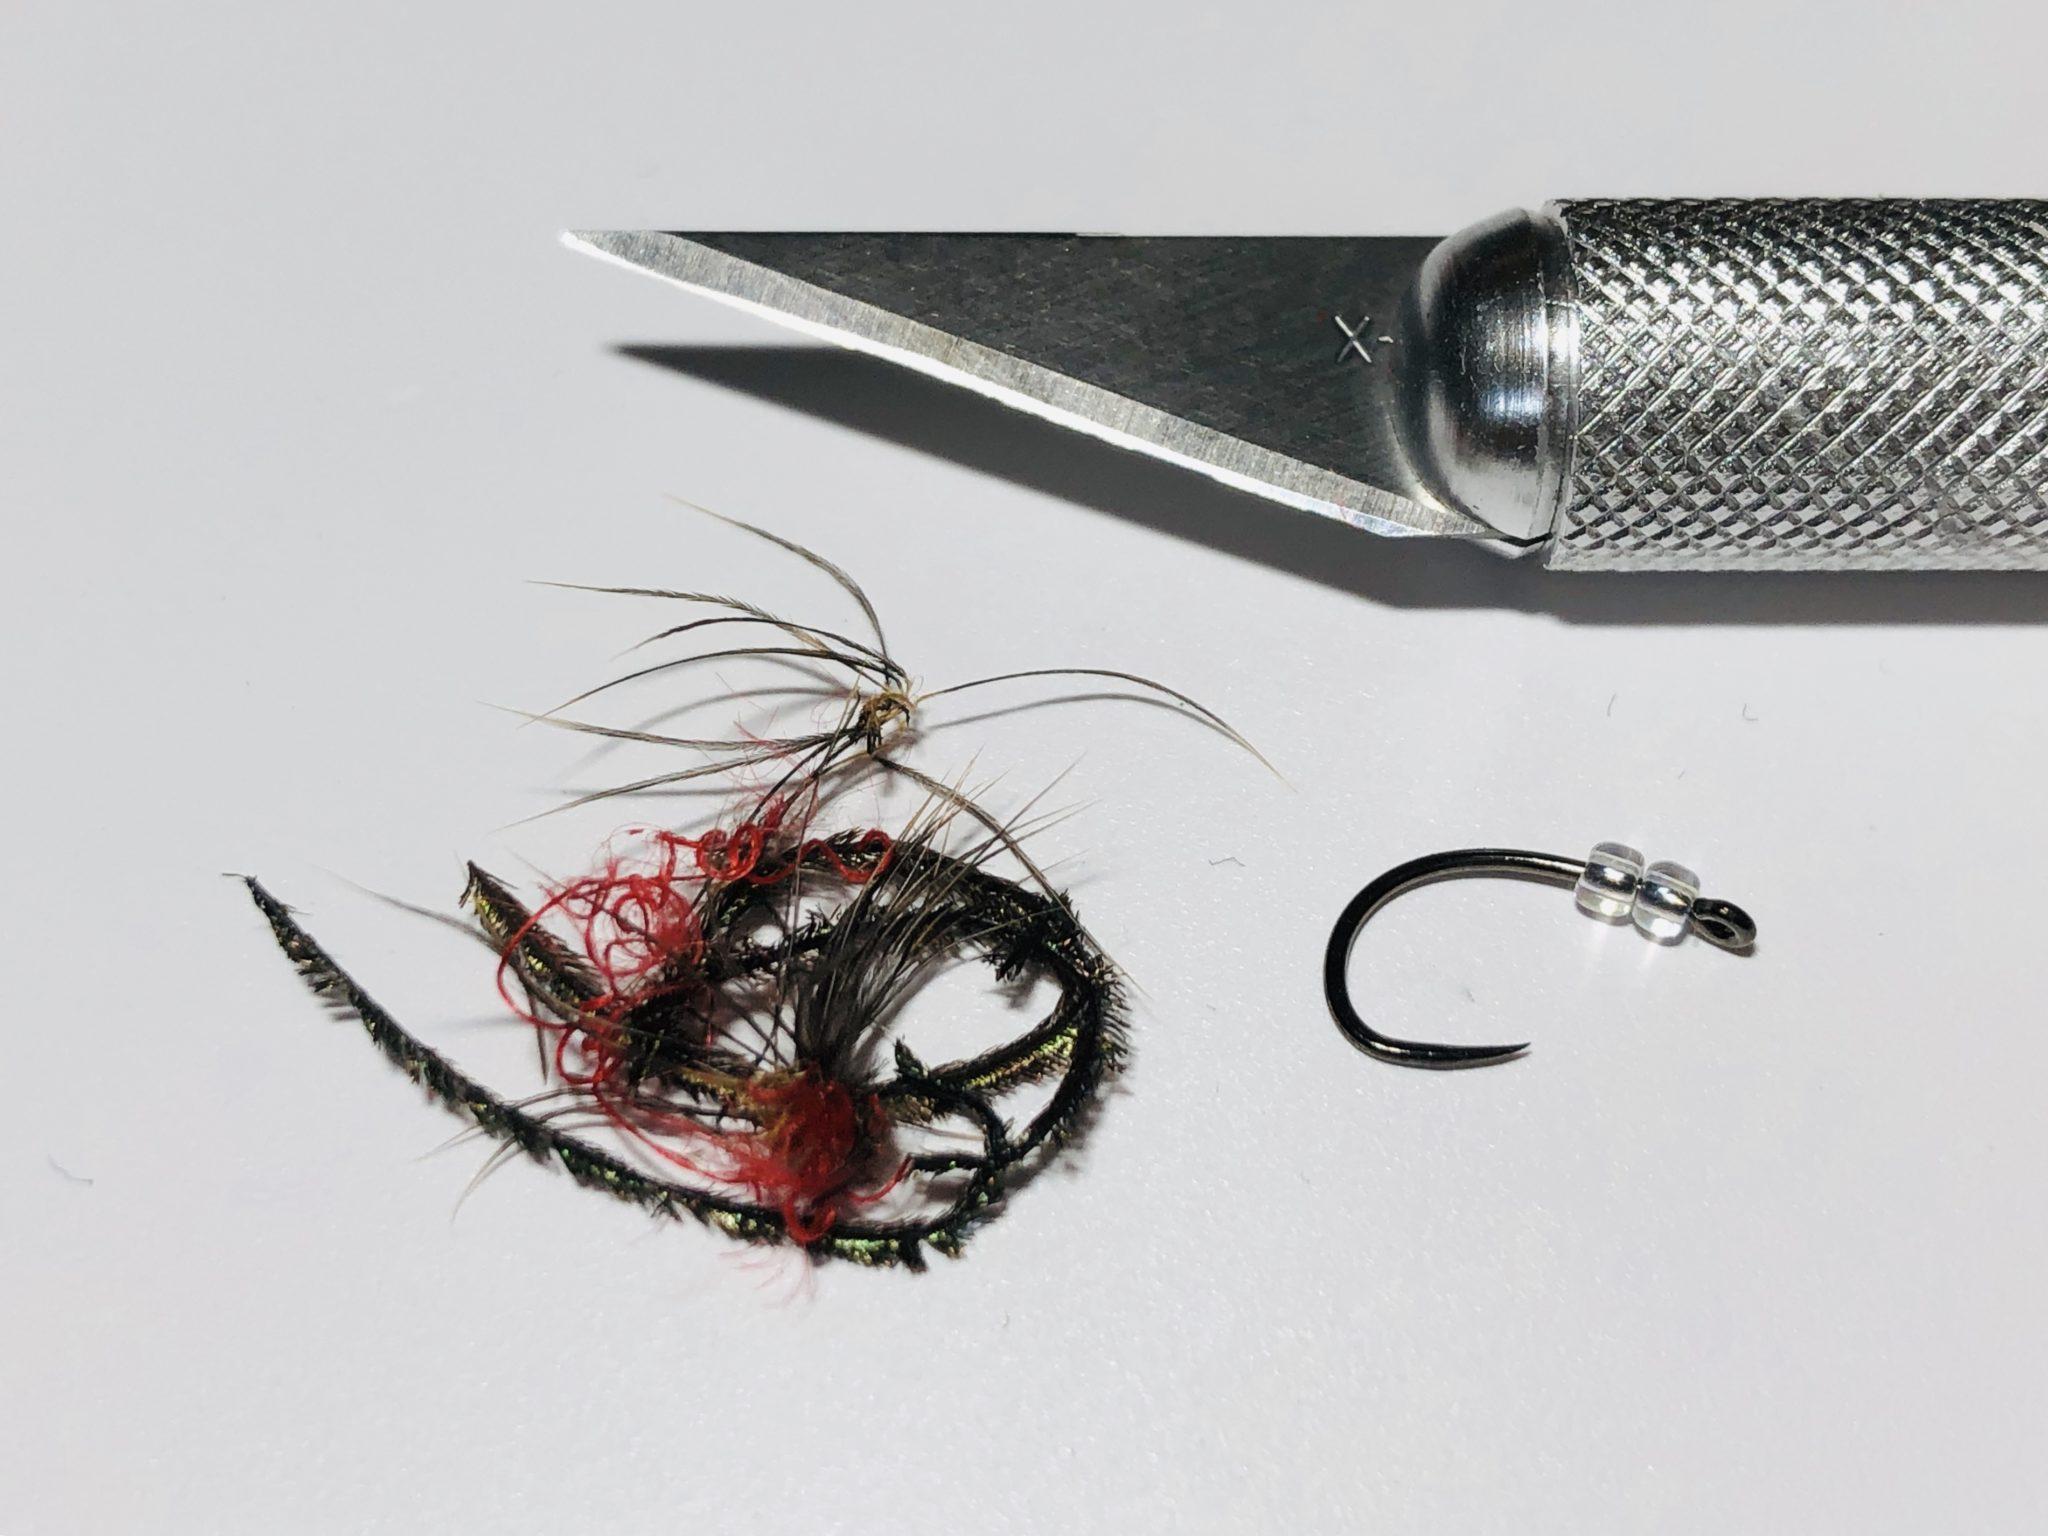 Reusing fly hooks